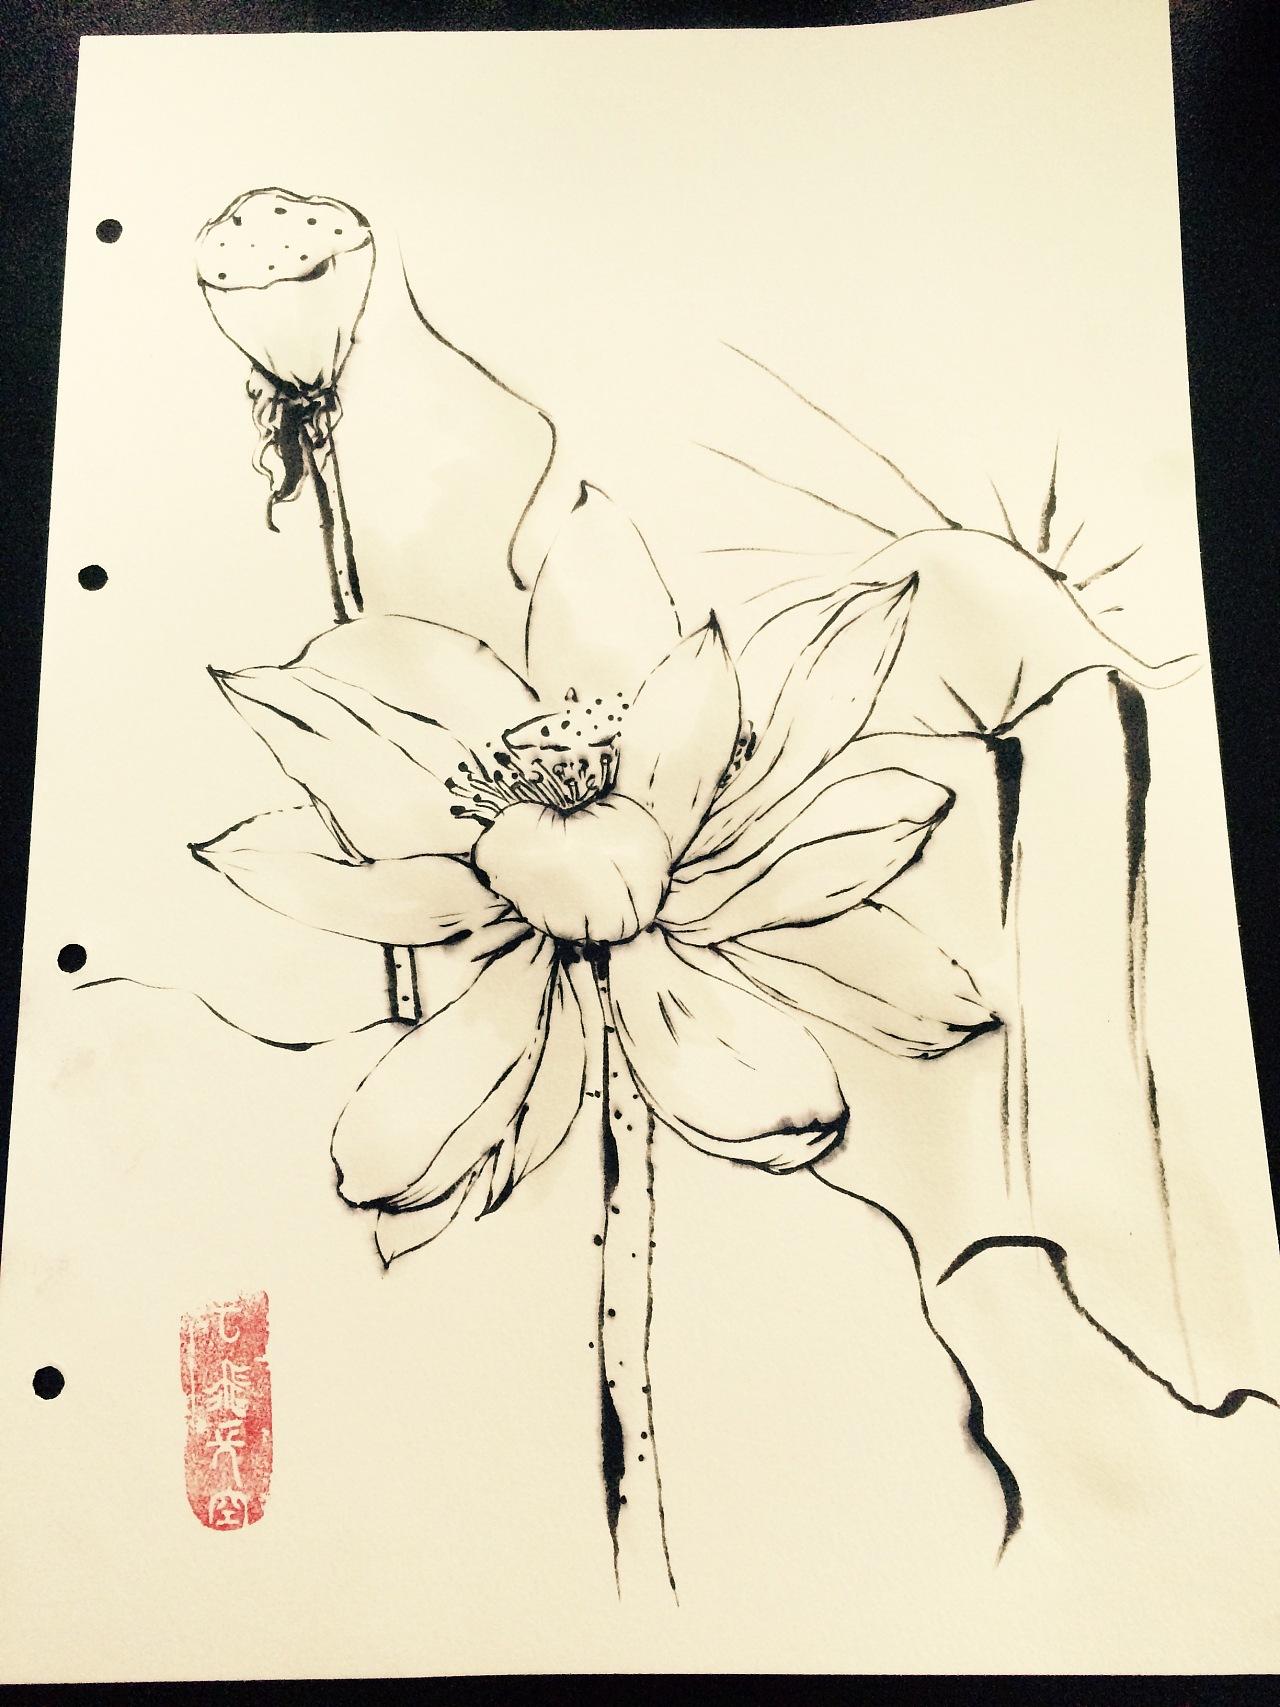 花卉植物动物线条水墨画